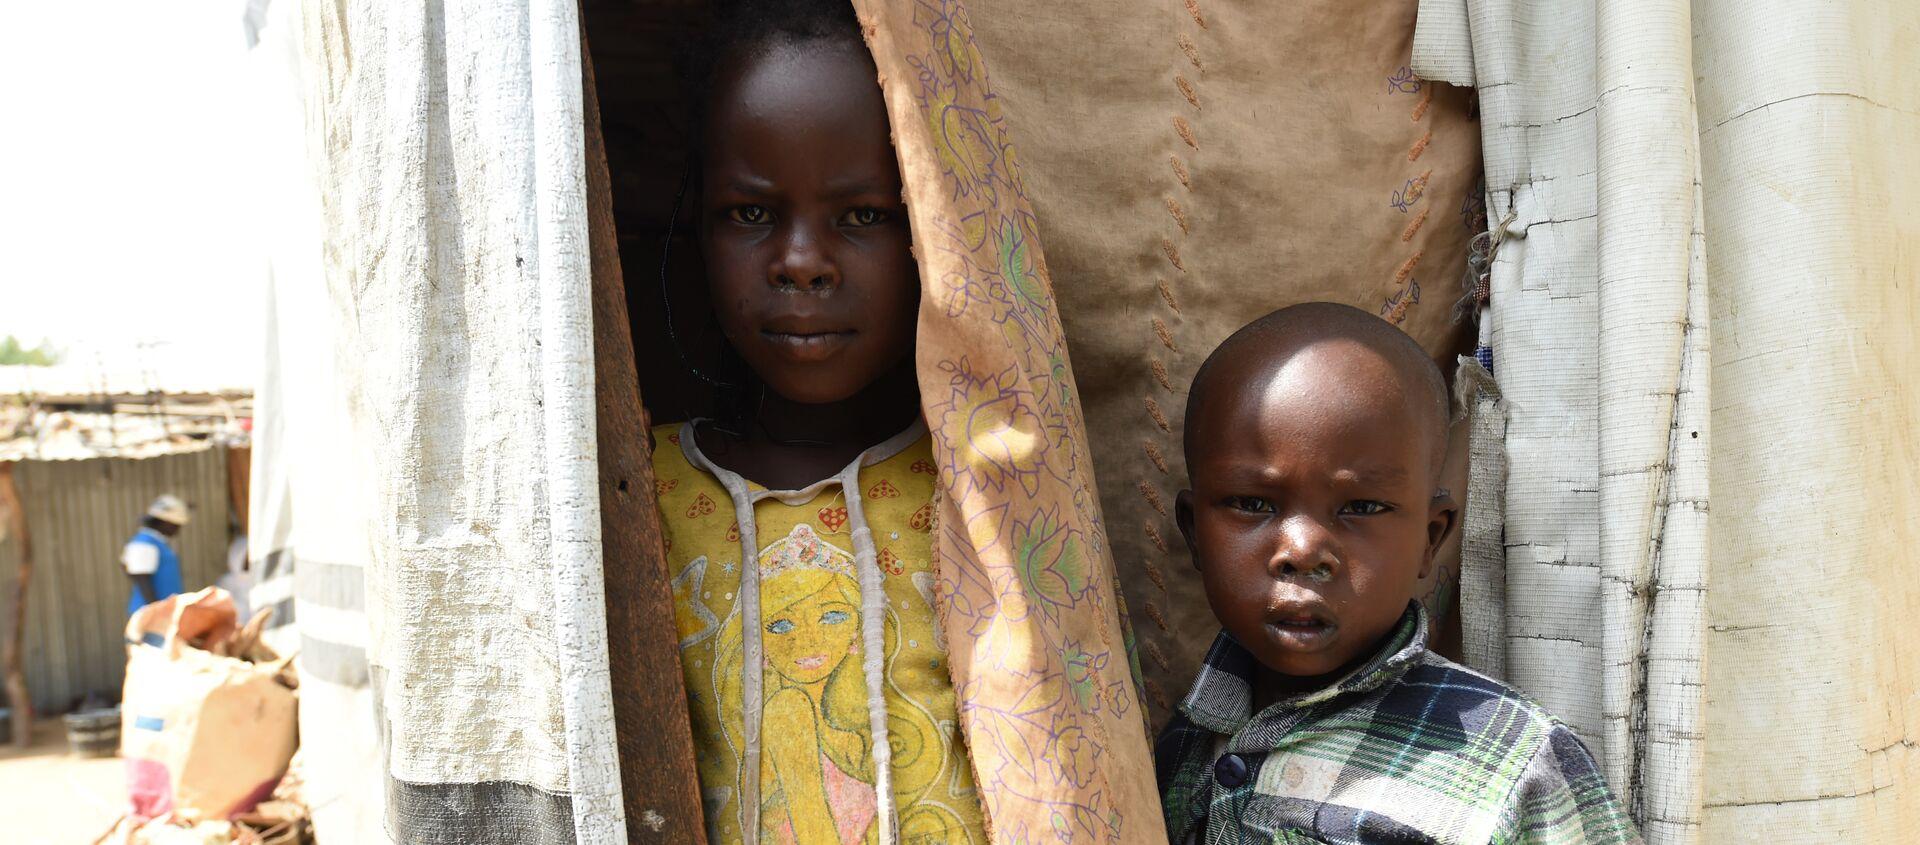 Những đứa trẻ trốn cái nắng như thiêu như đốt trong Trại dành cho những người mất tích ở Maiduguri, đông bắc Nigeria, vào ngày 4 tháng 2 năm 2016. - Sputnik Việt Nam, 1920, 19.08.2020